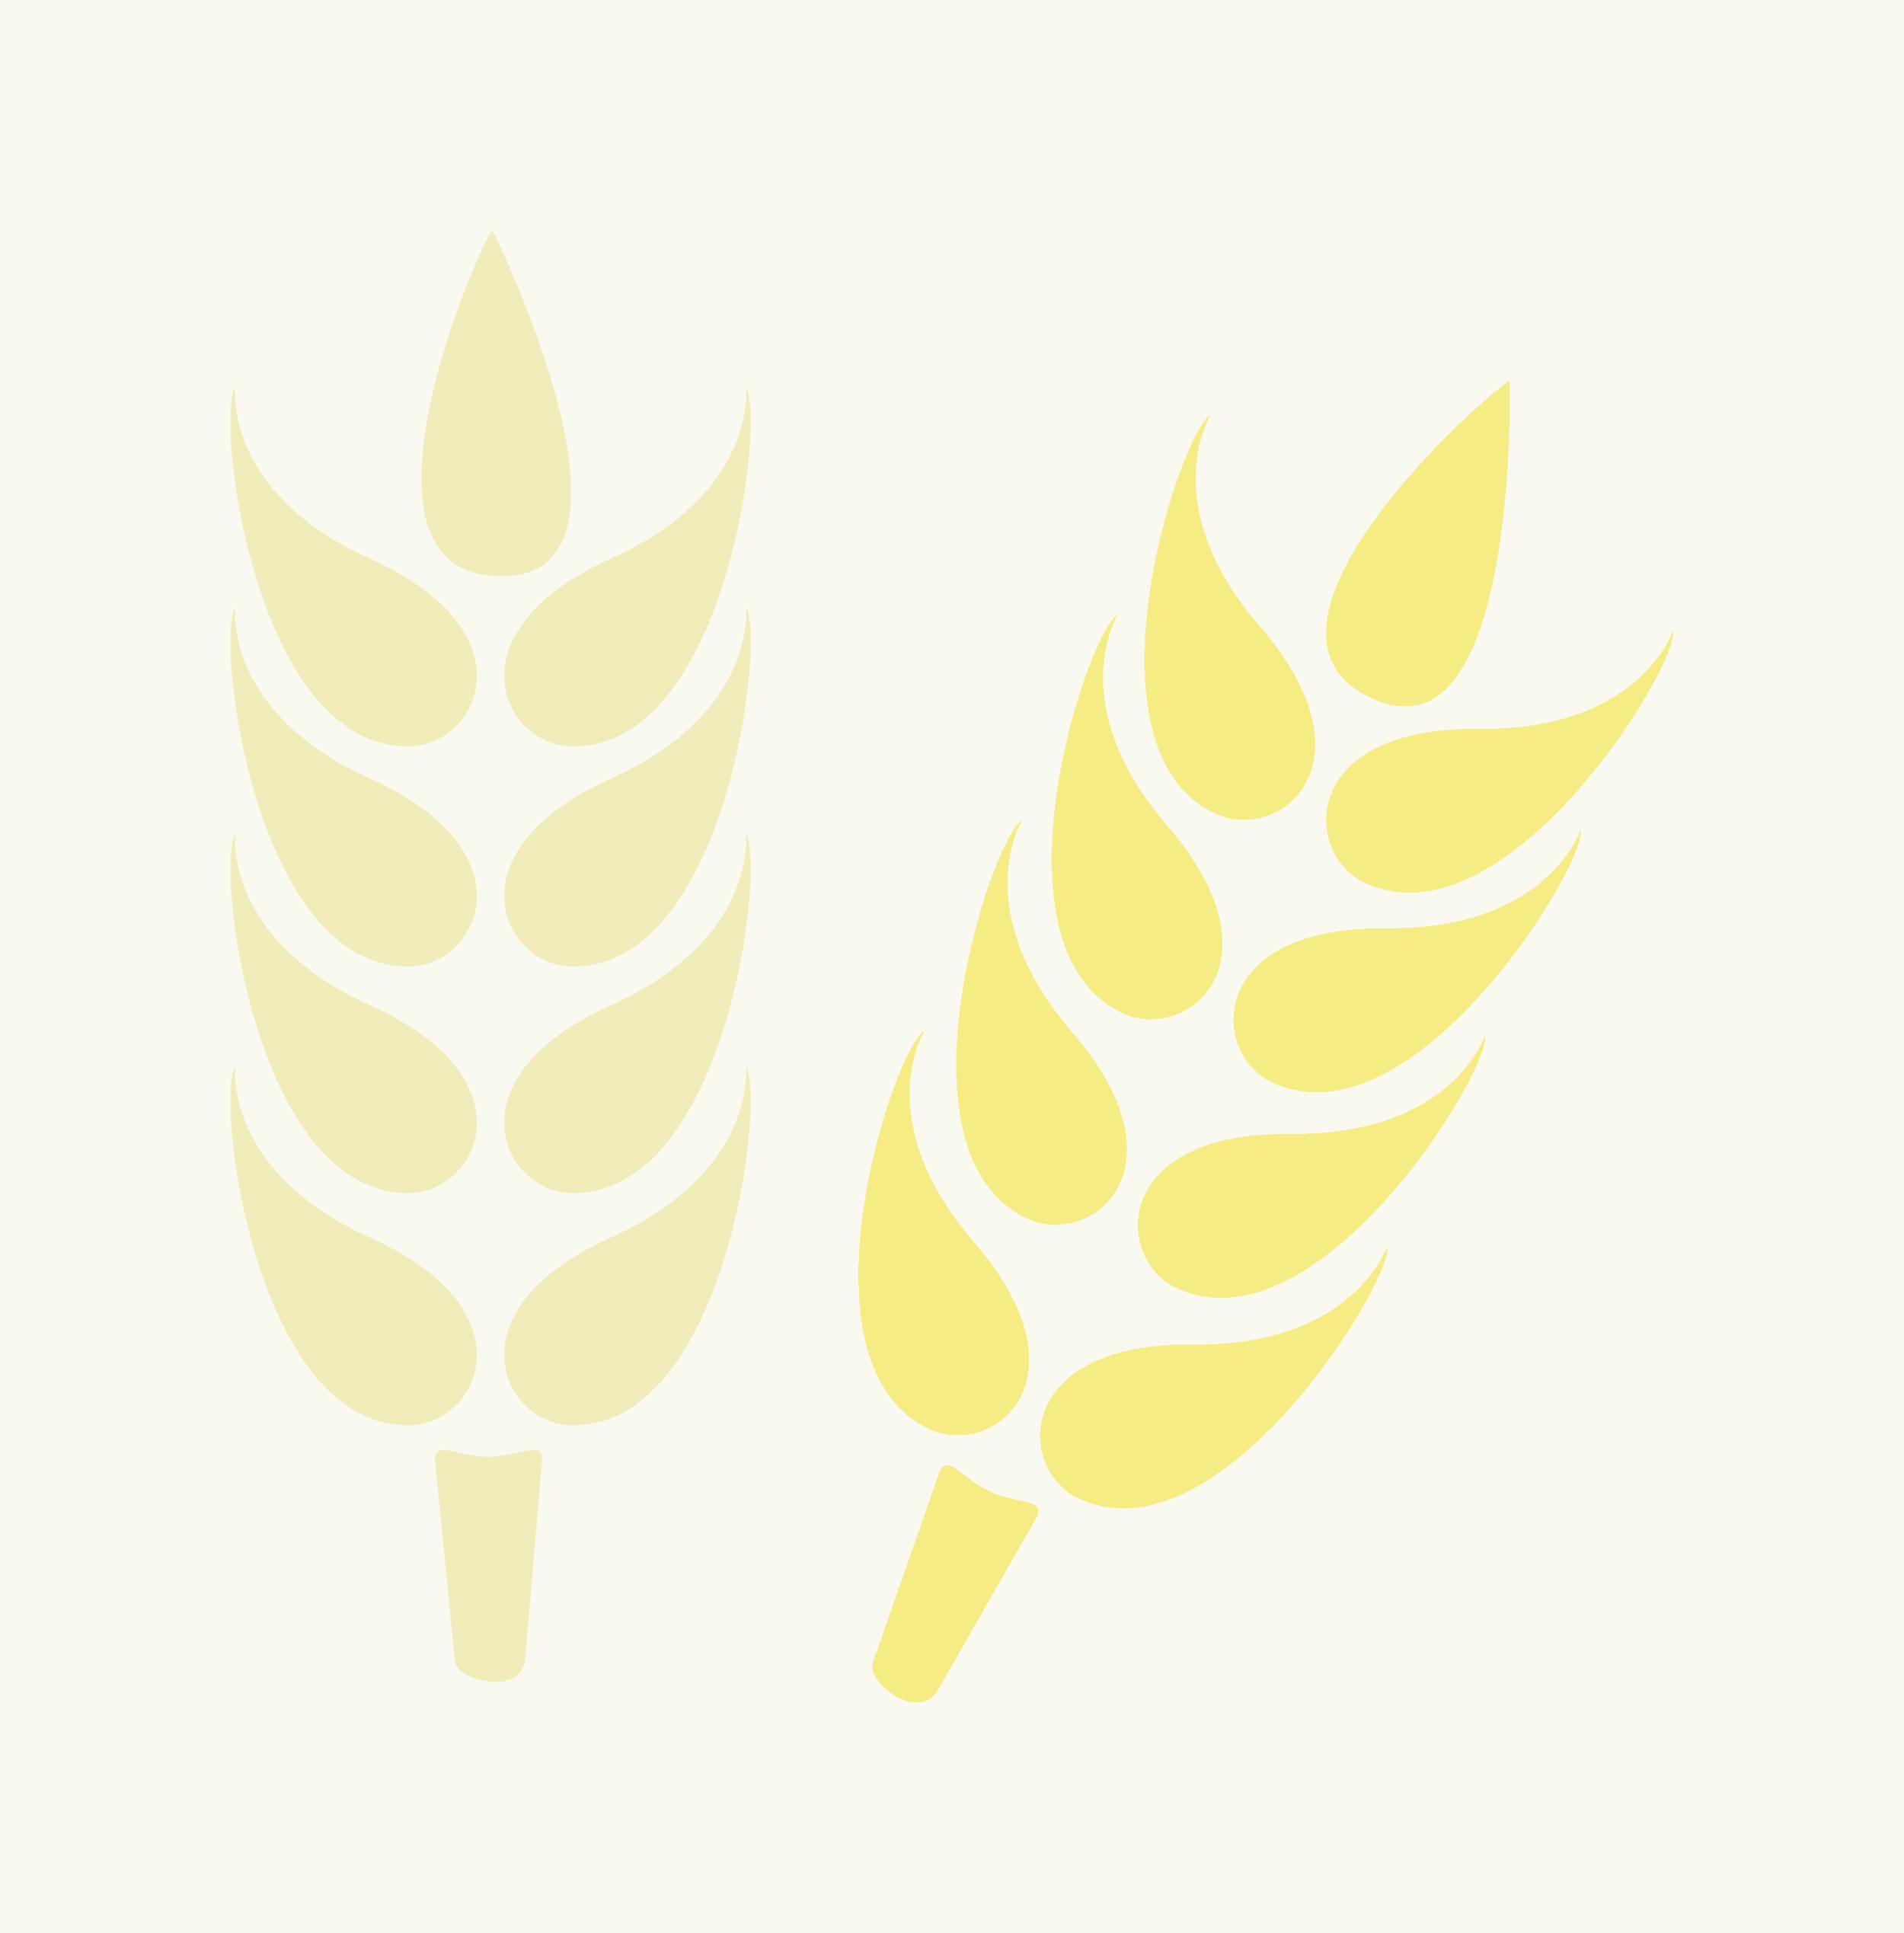 De topsector Agri en Food stimuleert ontwikkeling van kennis en innovatie op het gebied van voeding